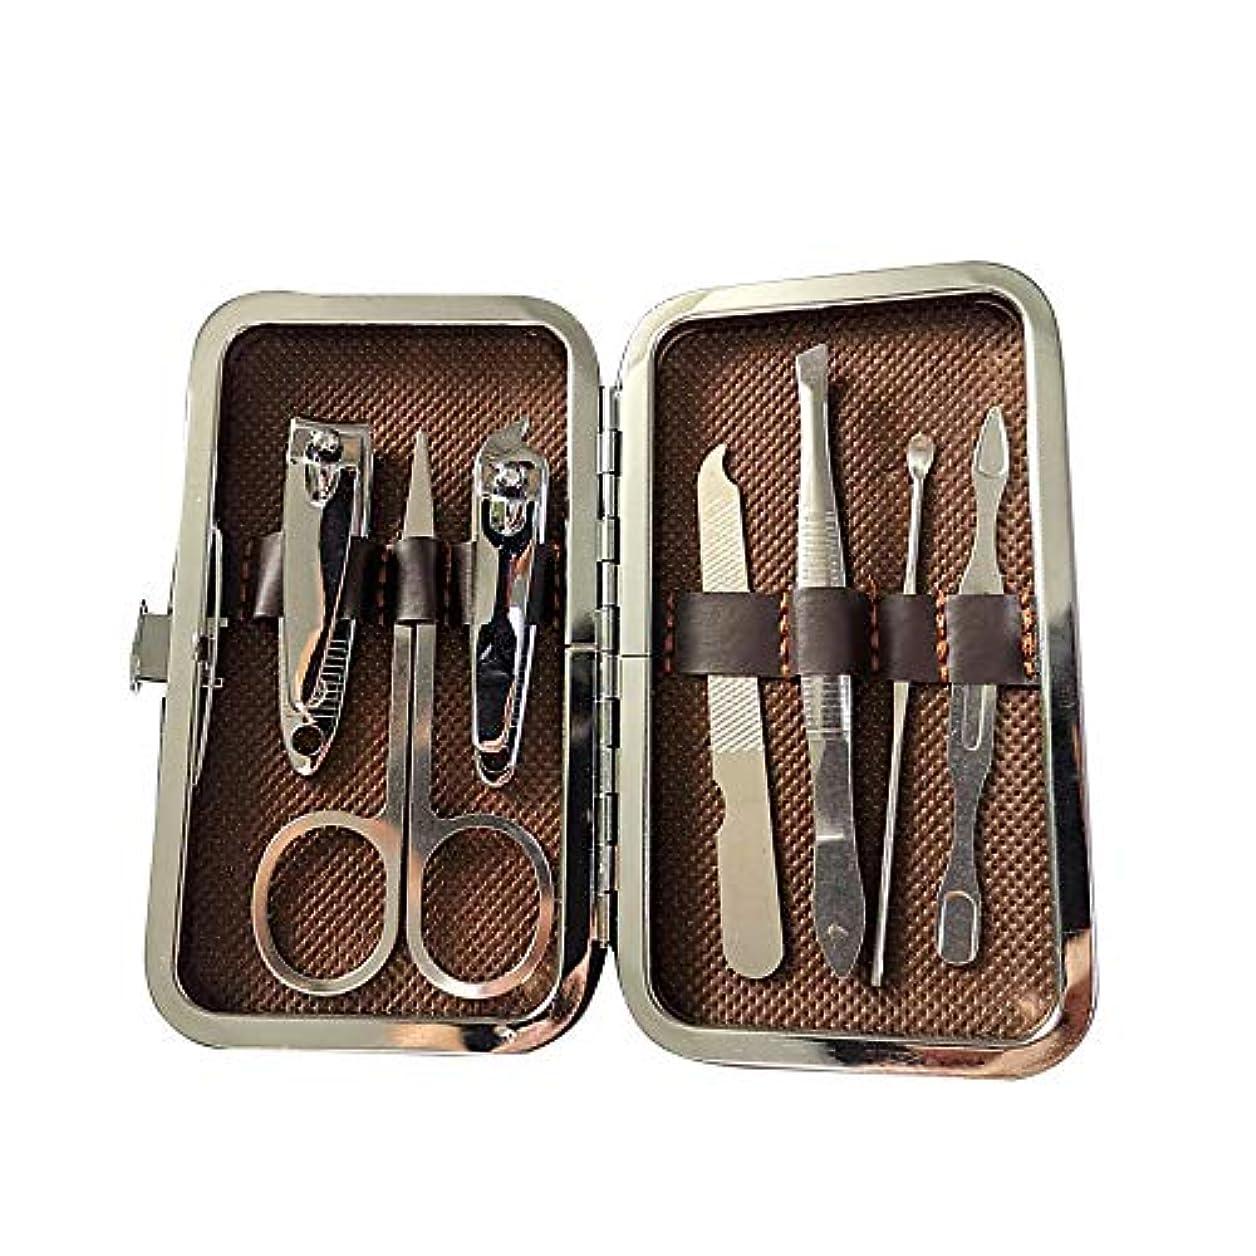 変動する味付け考慮美容ネイルツールセットステンレス爪切りセット多機能 美容セット専用収納レザーケース付き、7点セット